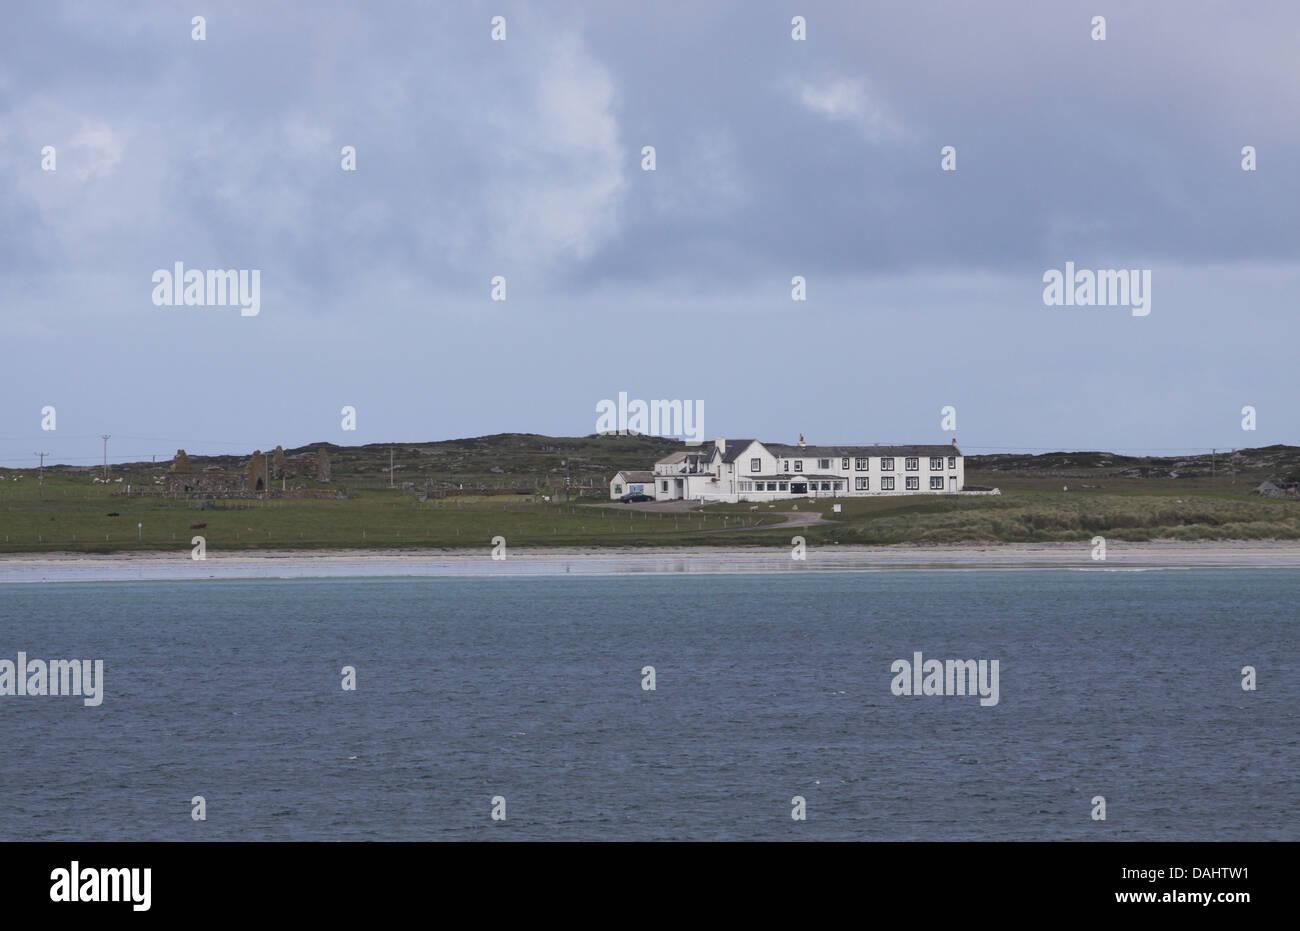 Hotel su gott bay isle of tiree Scozia Luglio 2013 Immagini Stock